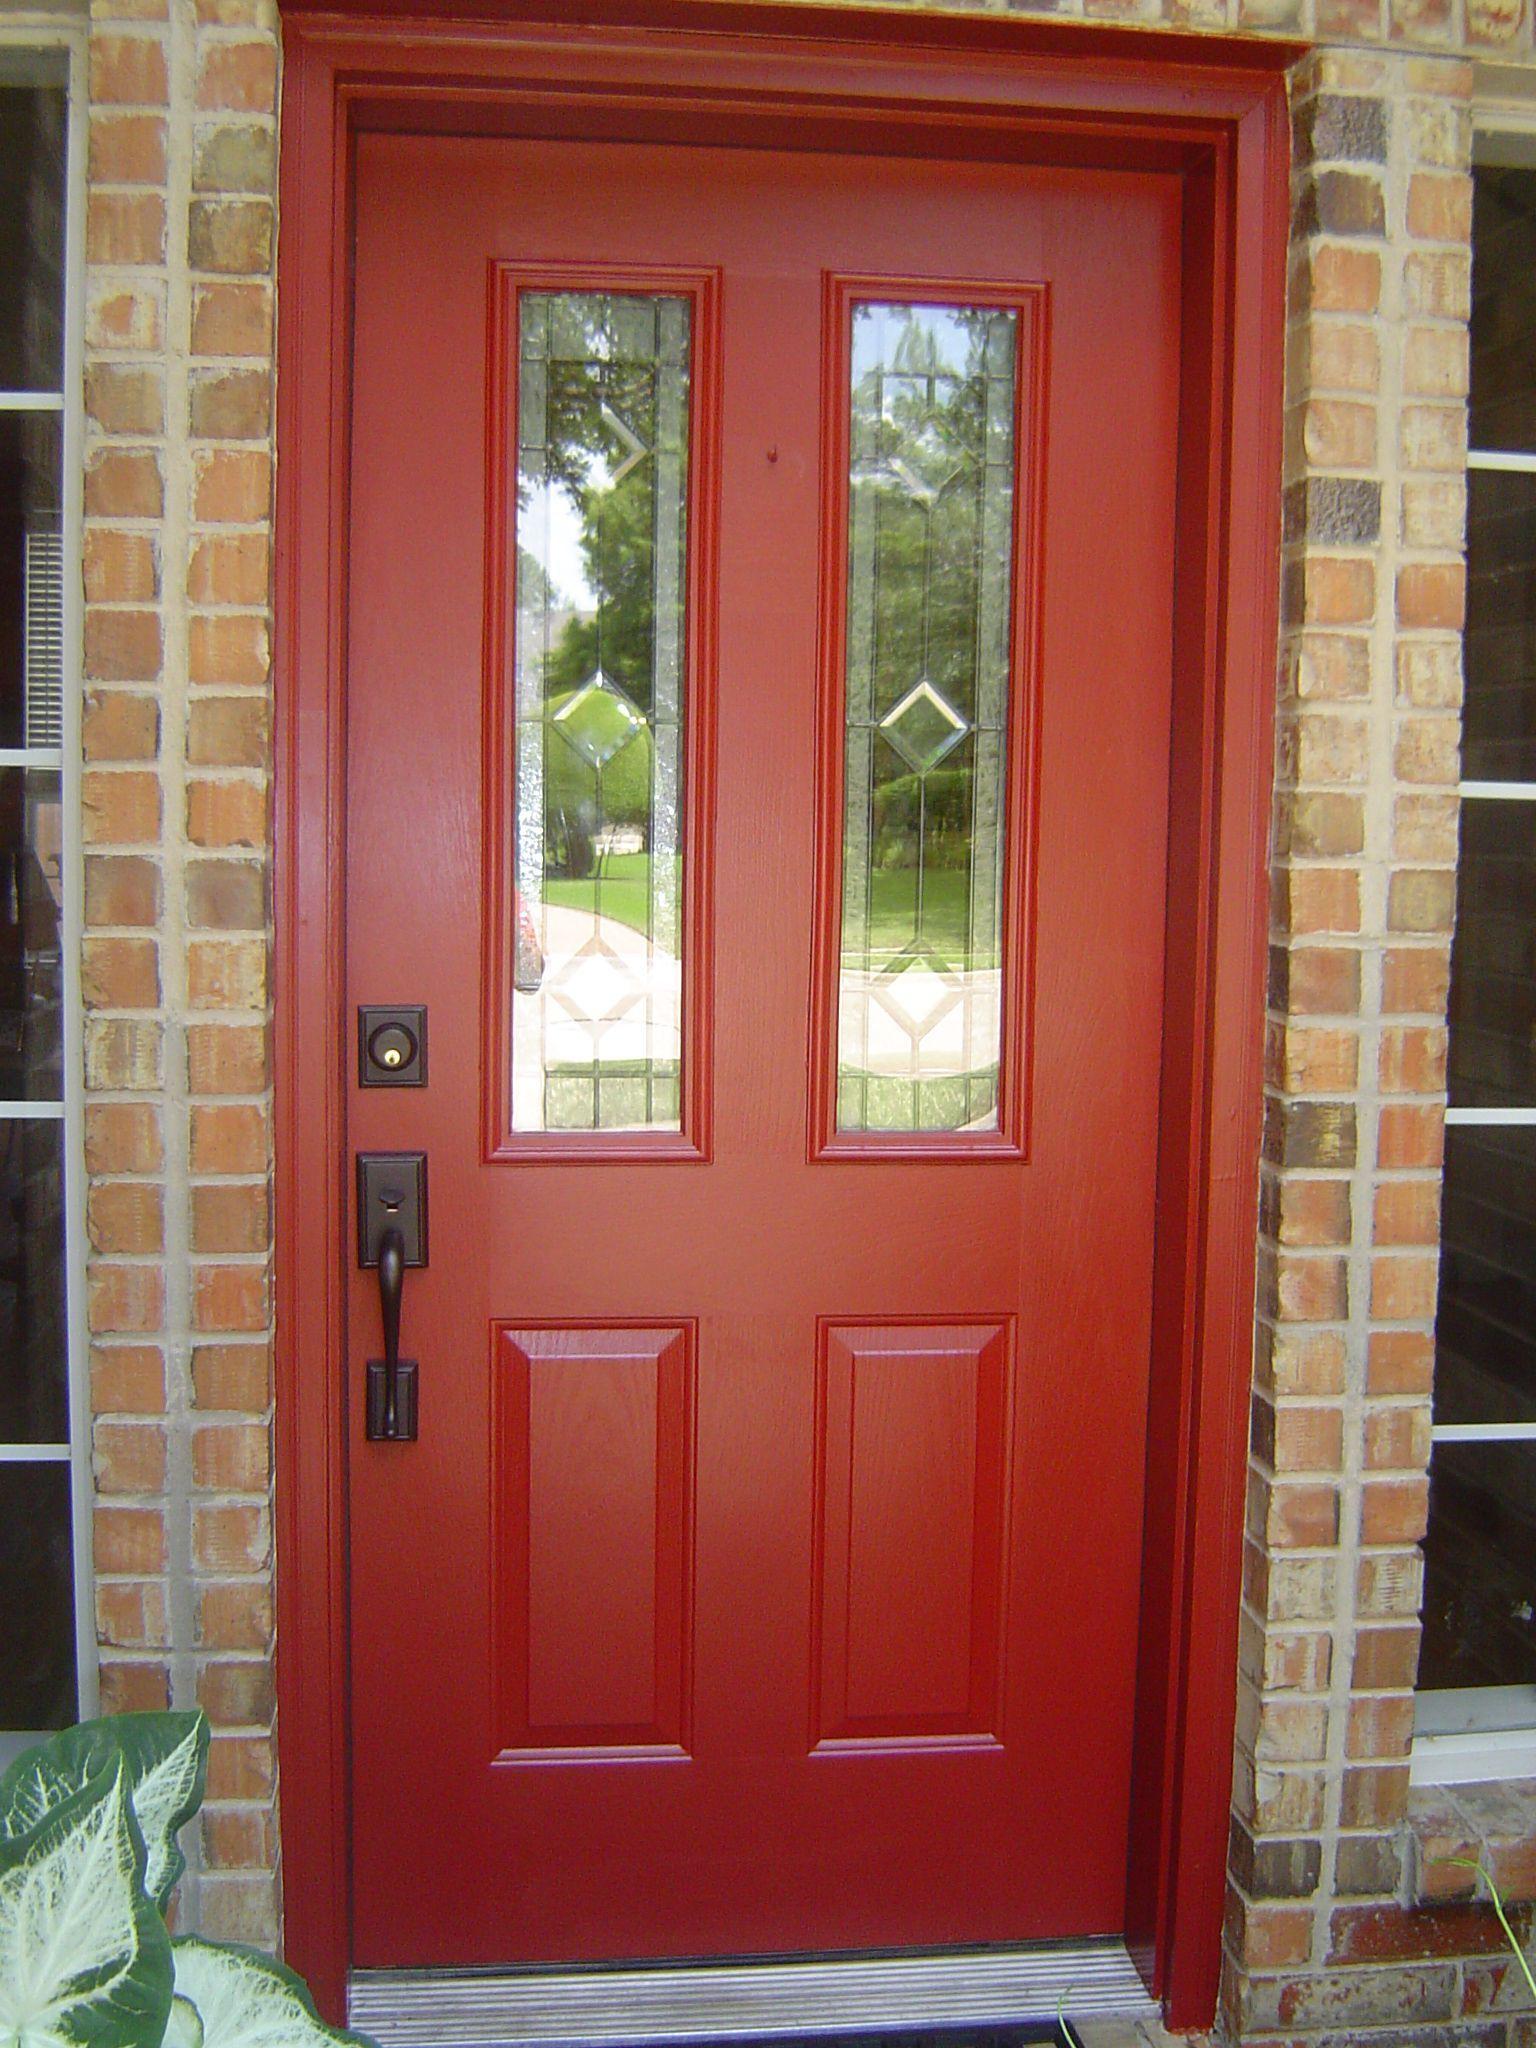 Best front door color for orange brick house buscar con google best front door color for orange brick house buscar con google more rubansaba